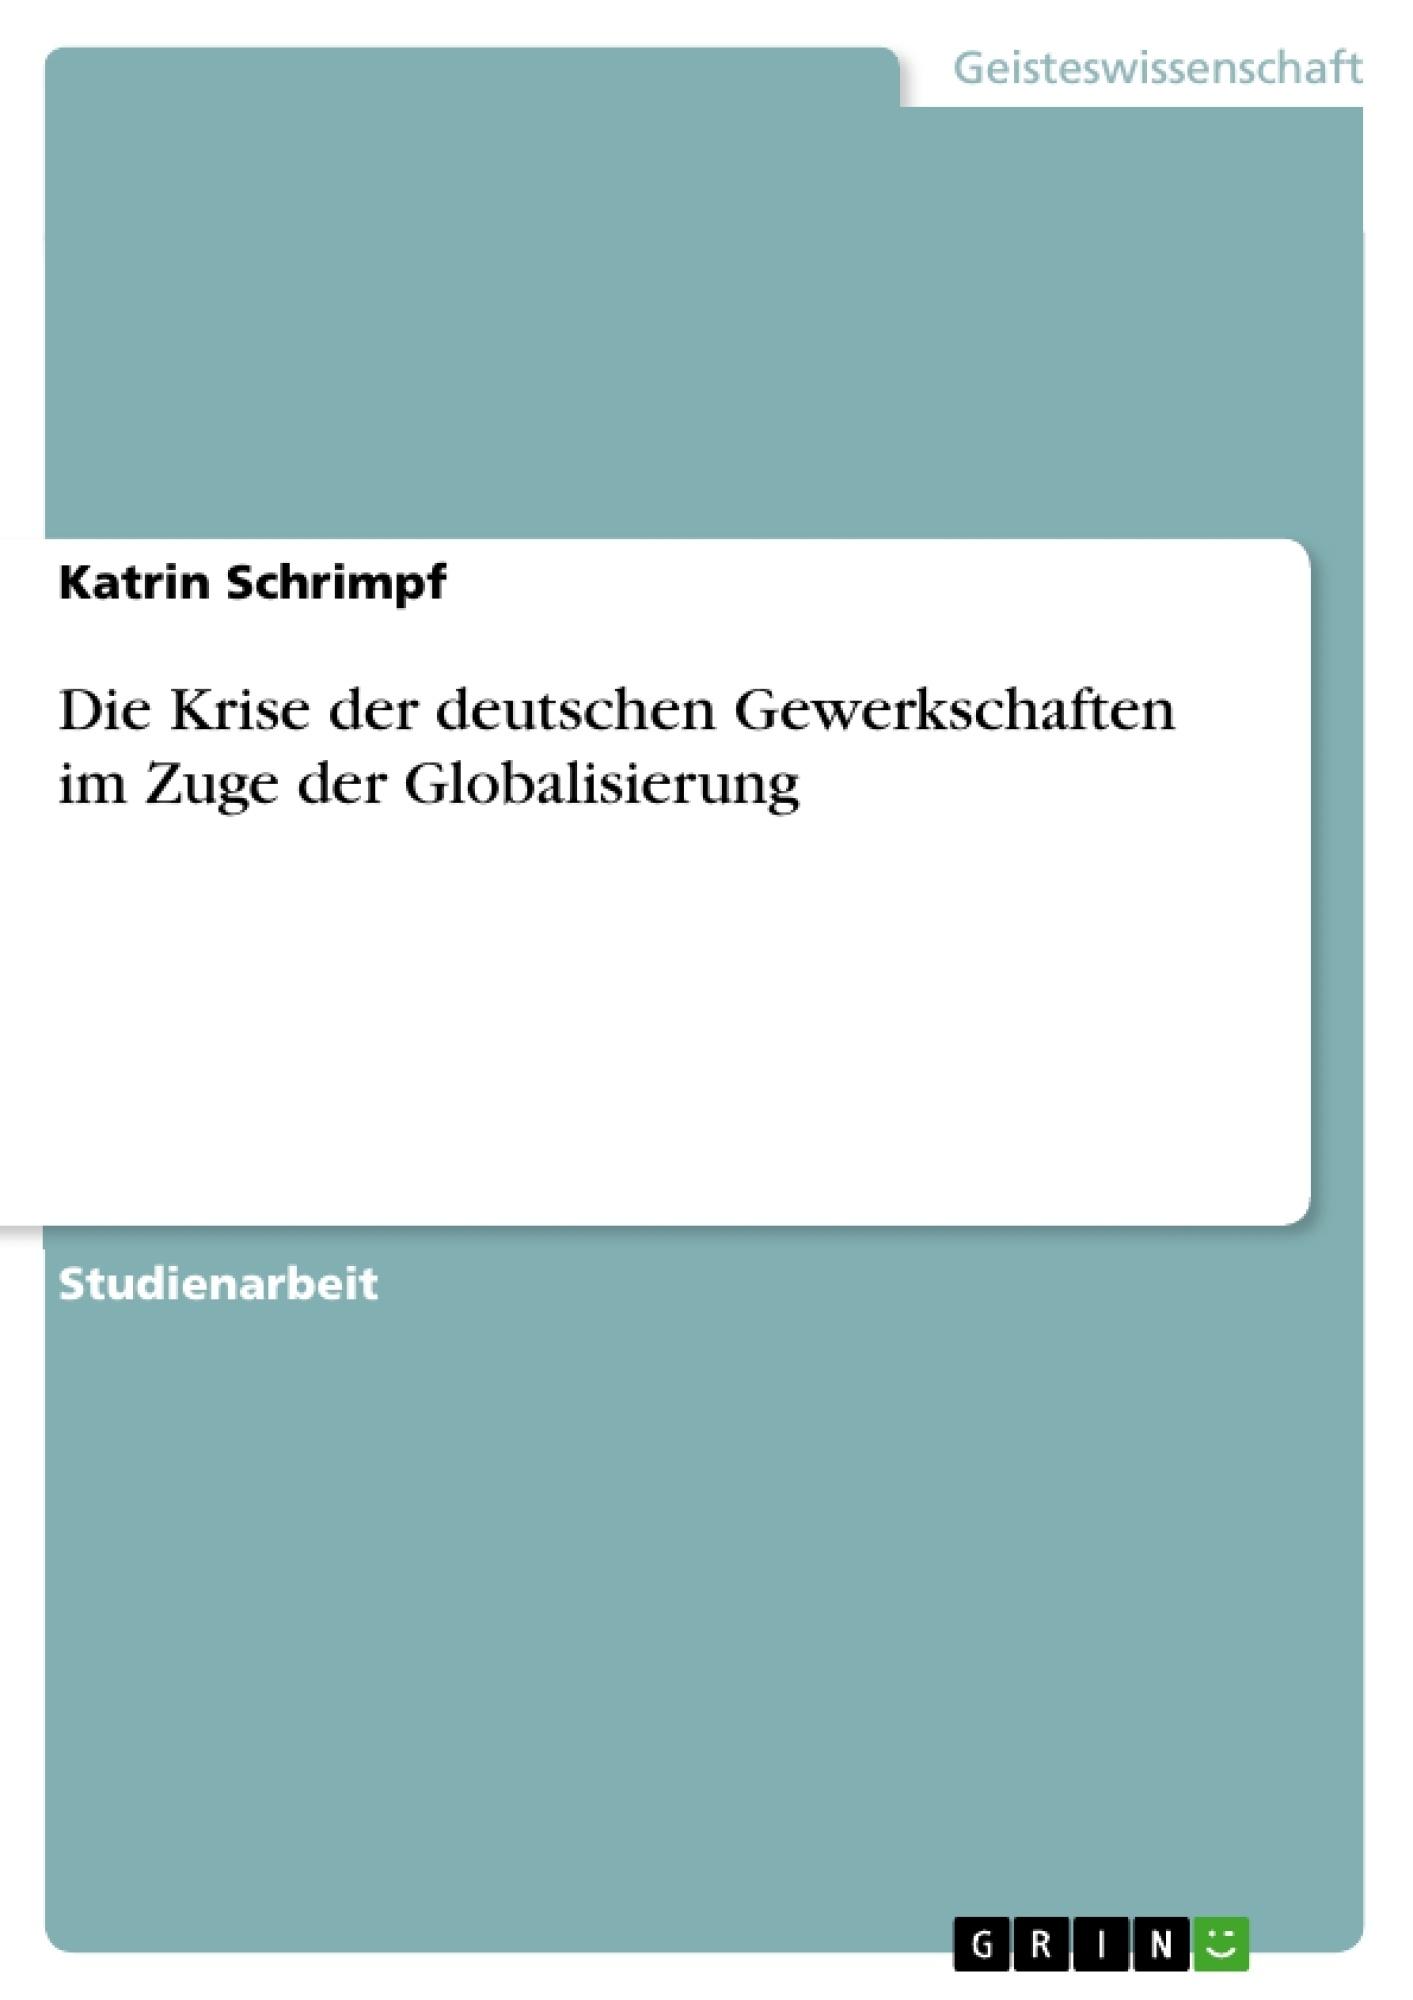 Titel: Die Krise der deutschen Gewerkschaften im Zuge der Globalisierung